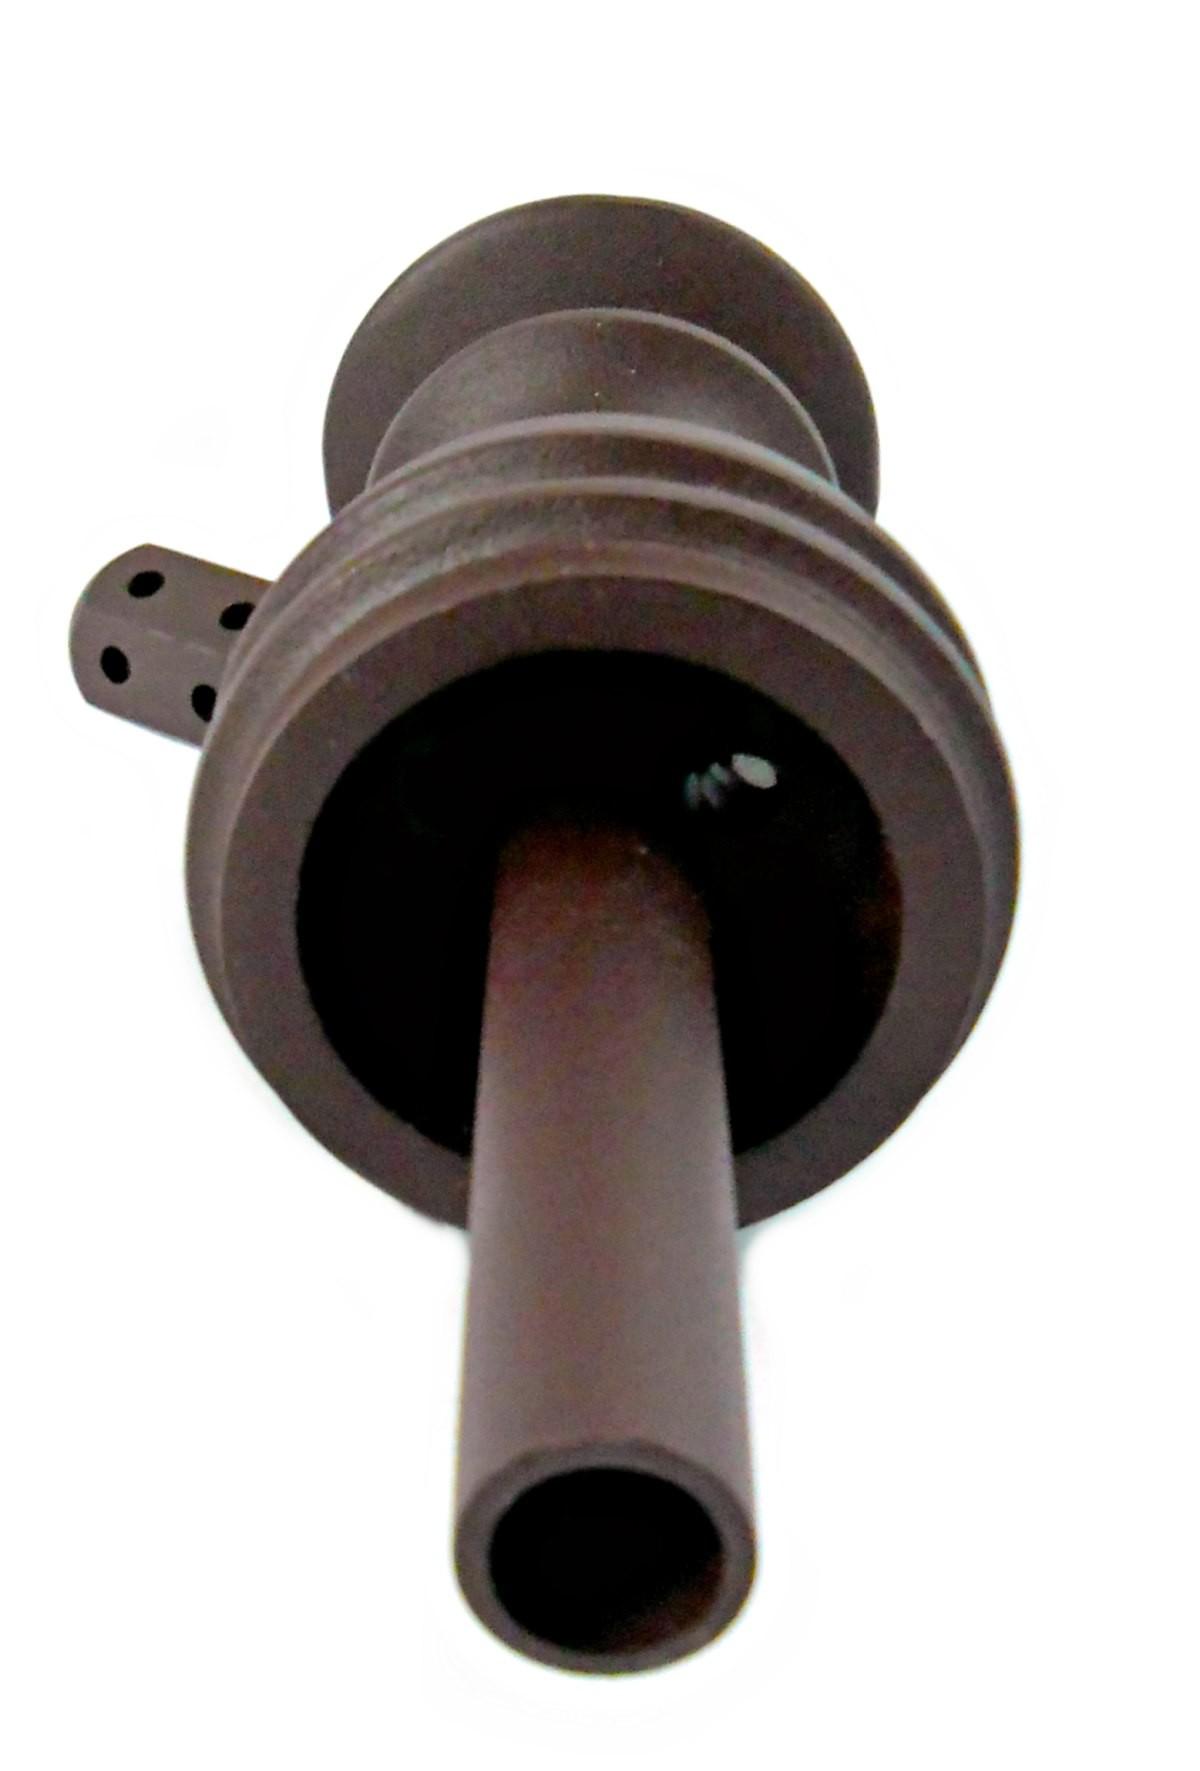 Stem (corpo de narguile) JUDITH MARROM (CAFÉ) 22cm., inox (alumínio), dutado e usinado.